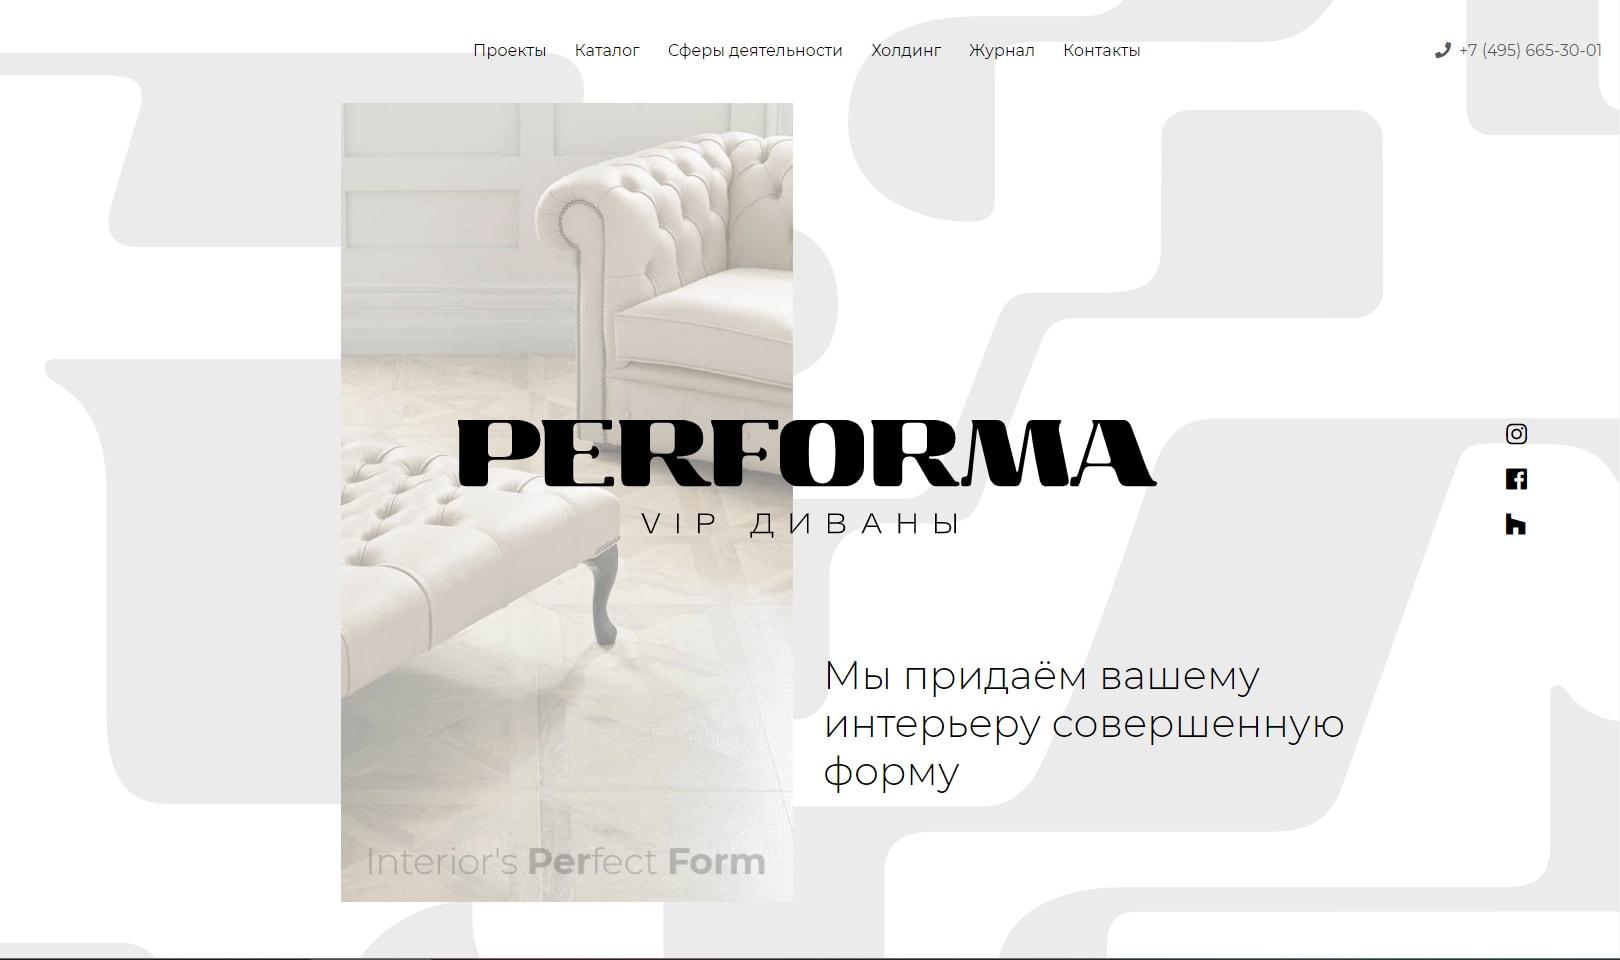 Сайт производителя и ритейлера мягкой мебели Performa